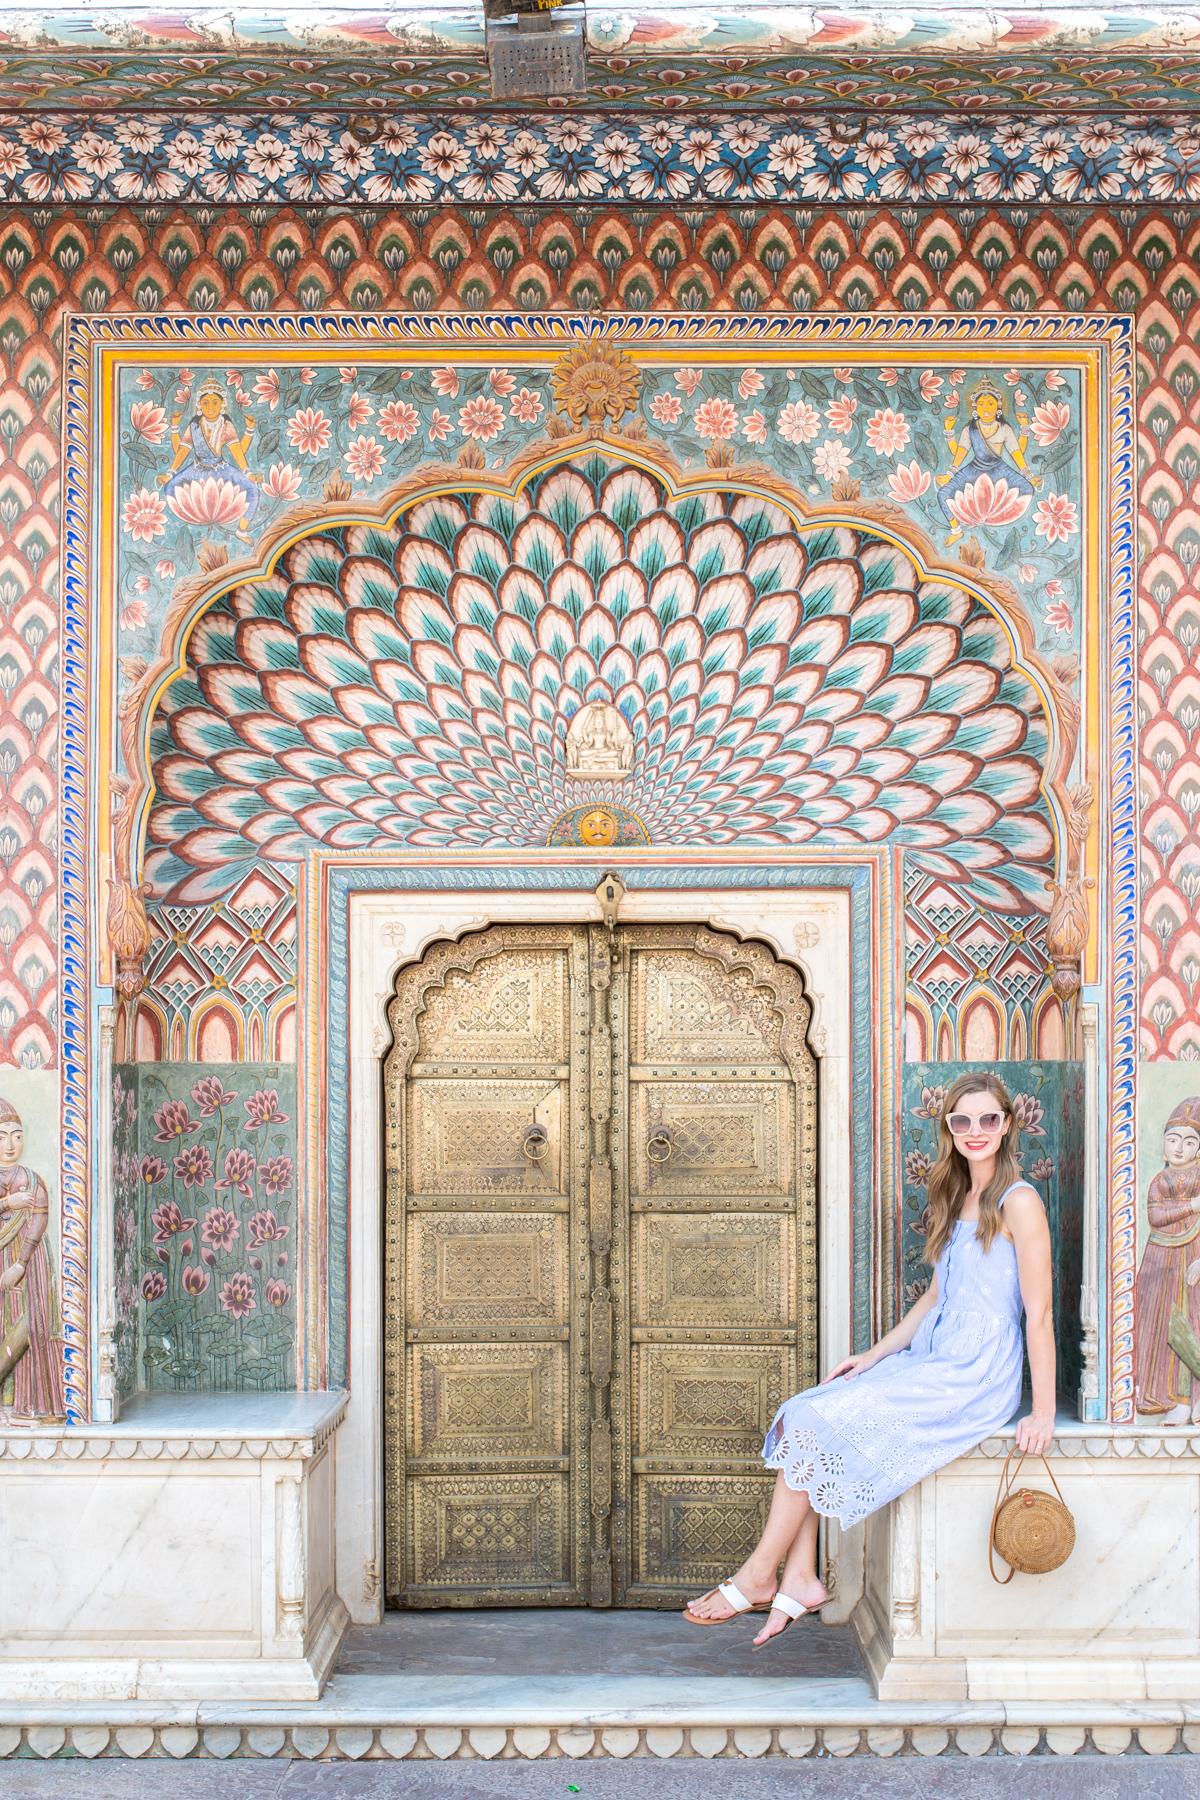 Stacie Flinner City Palace Jaipur 10 Best -47.jpg